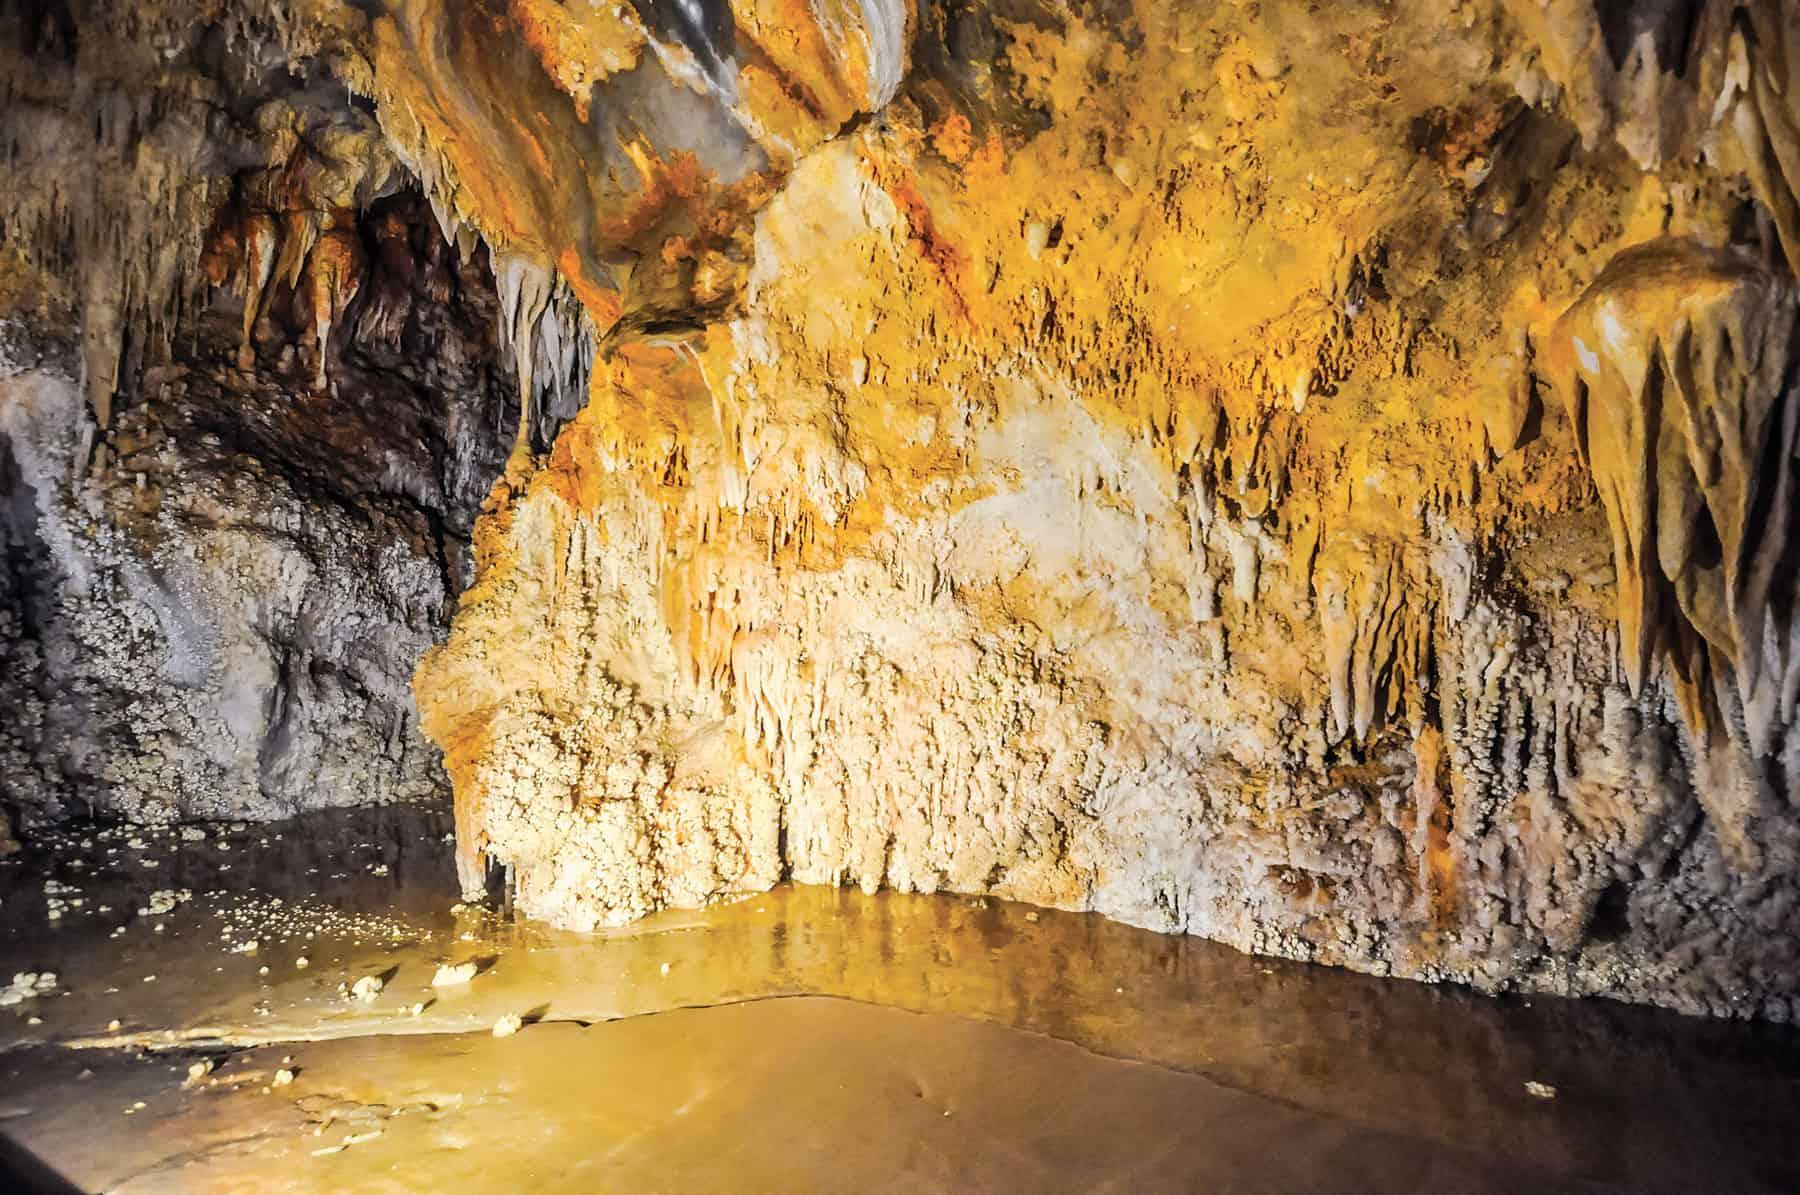 Grotte di Toirano - © Vaghis - viaggi & turismo Italia - Tutti-i-diritti riservati